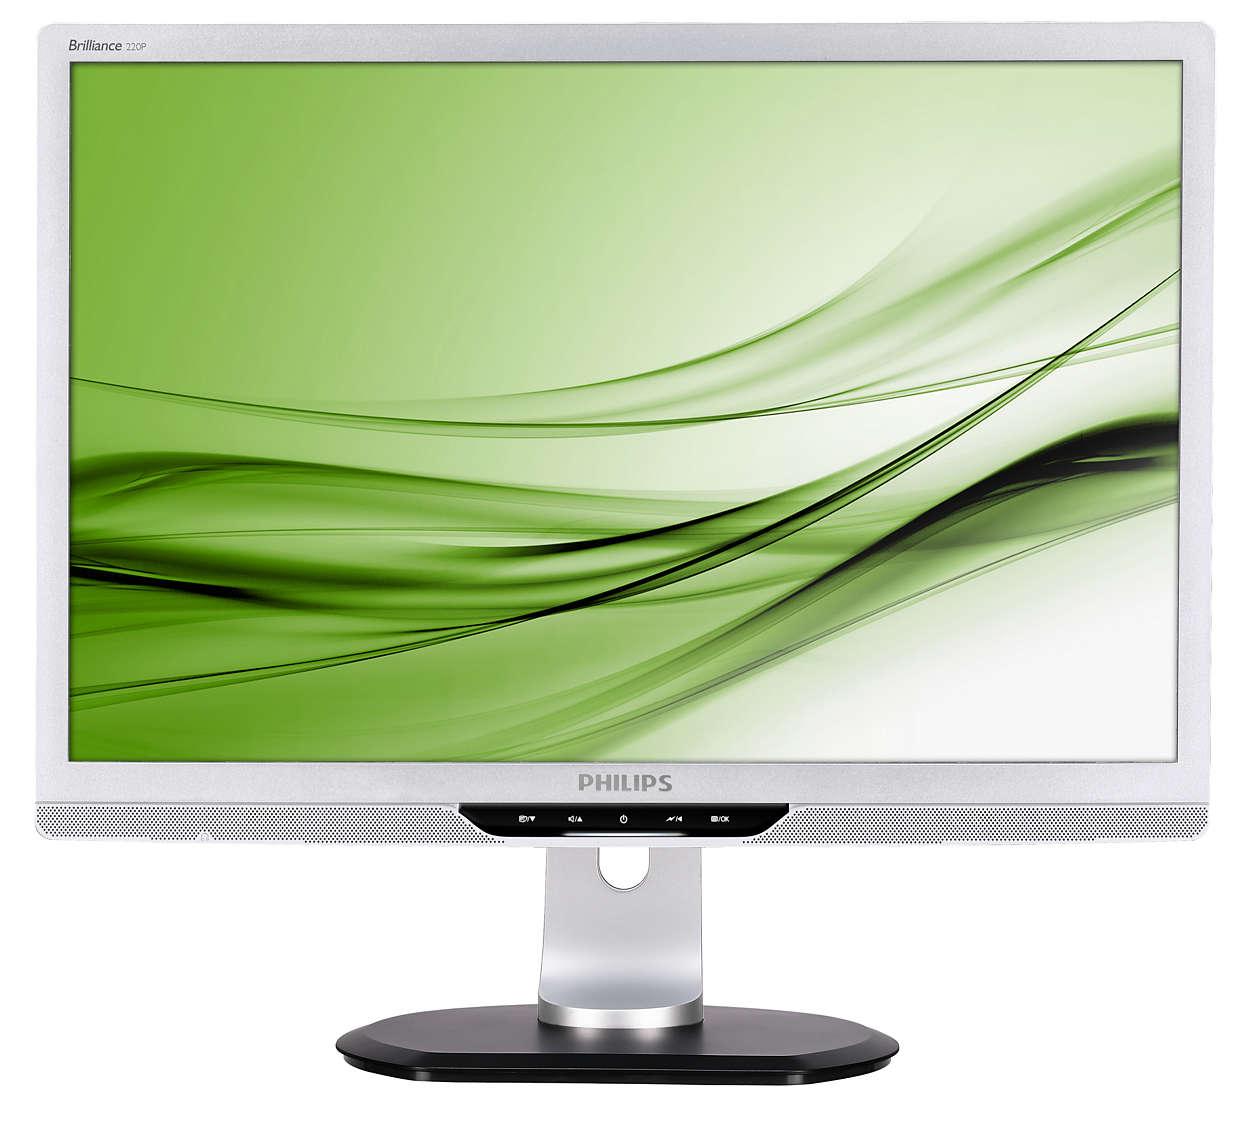 Professionel, miljøvenlig og ergonomisk skærm